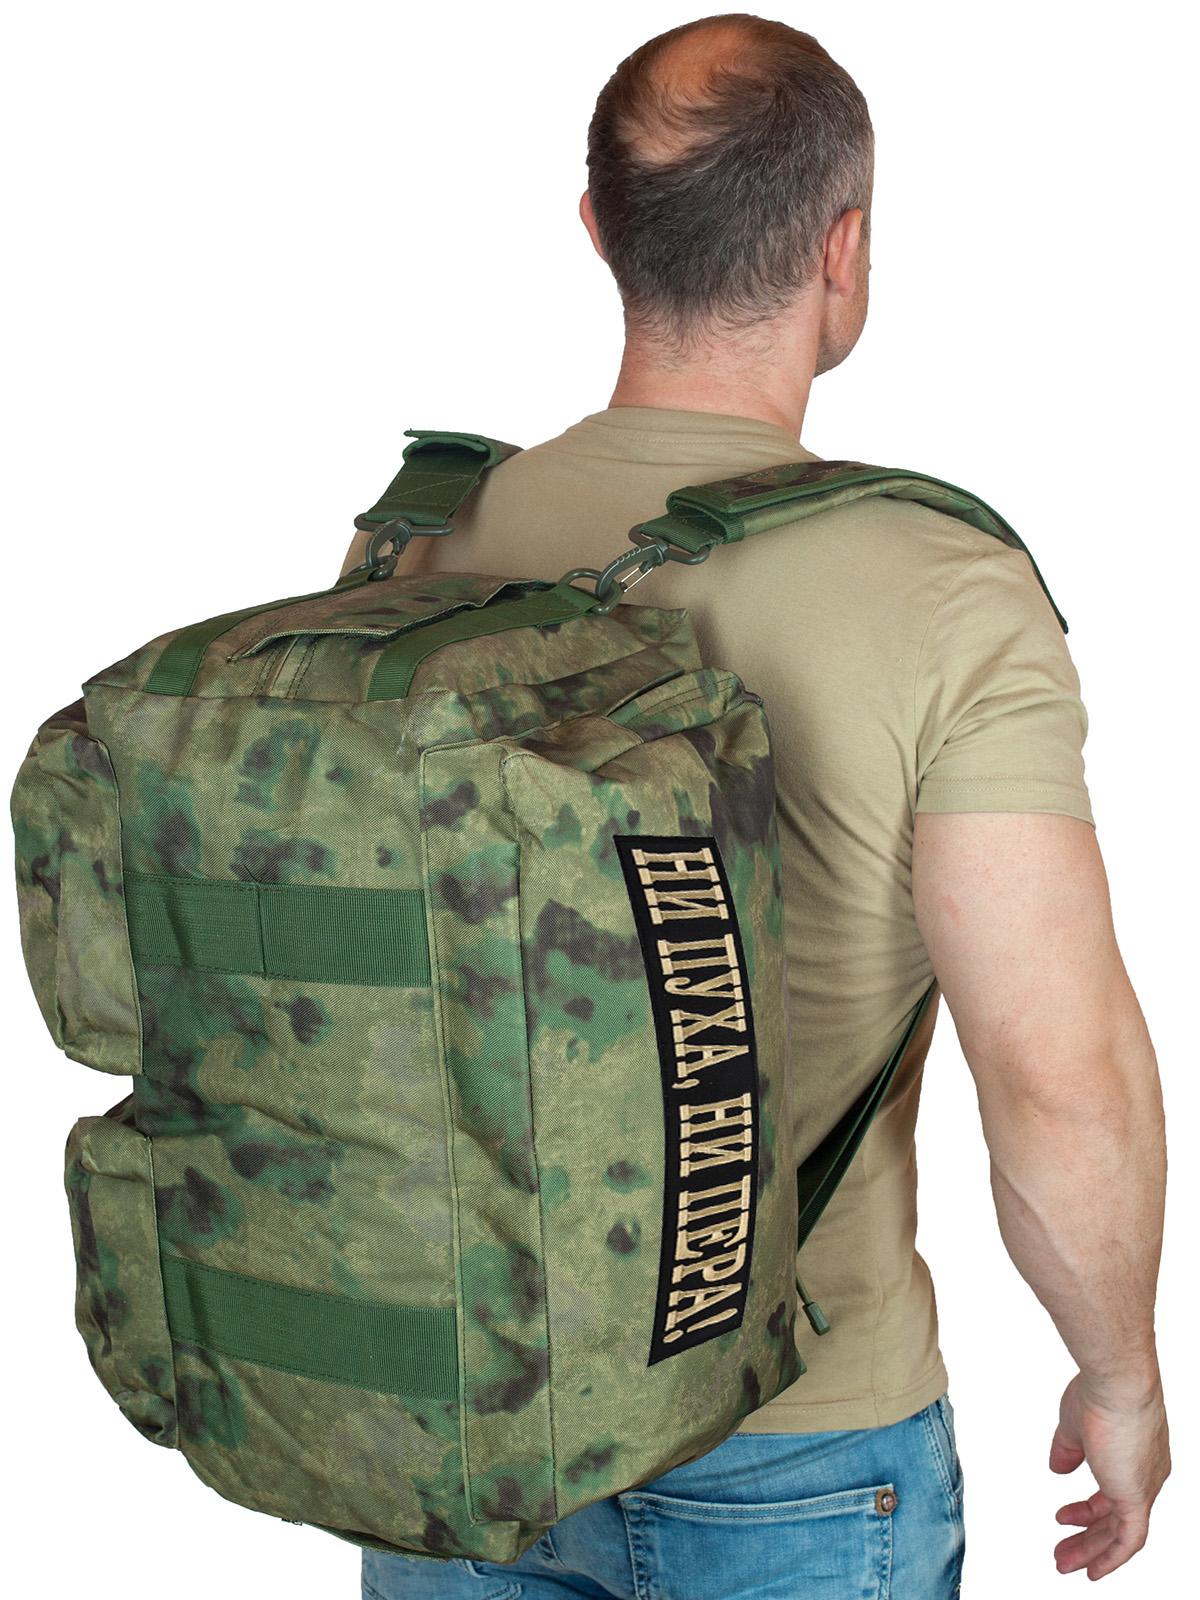 Купить заплечную заплечную сумку с нашивкой Ни пуха, Ни пера по экономичной цене